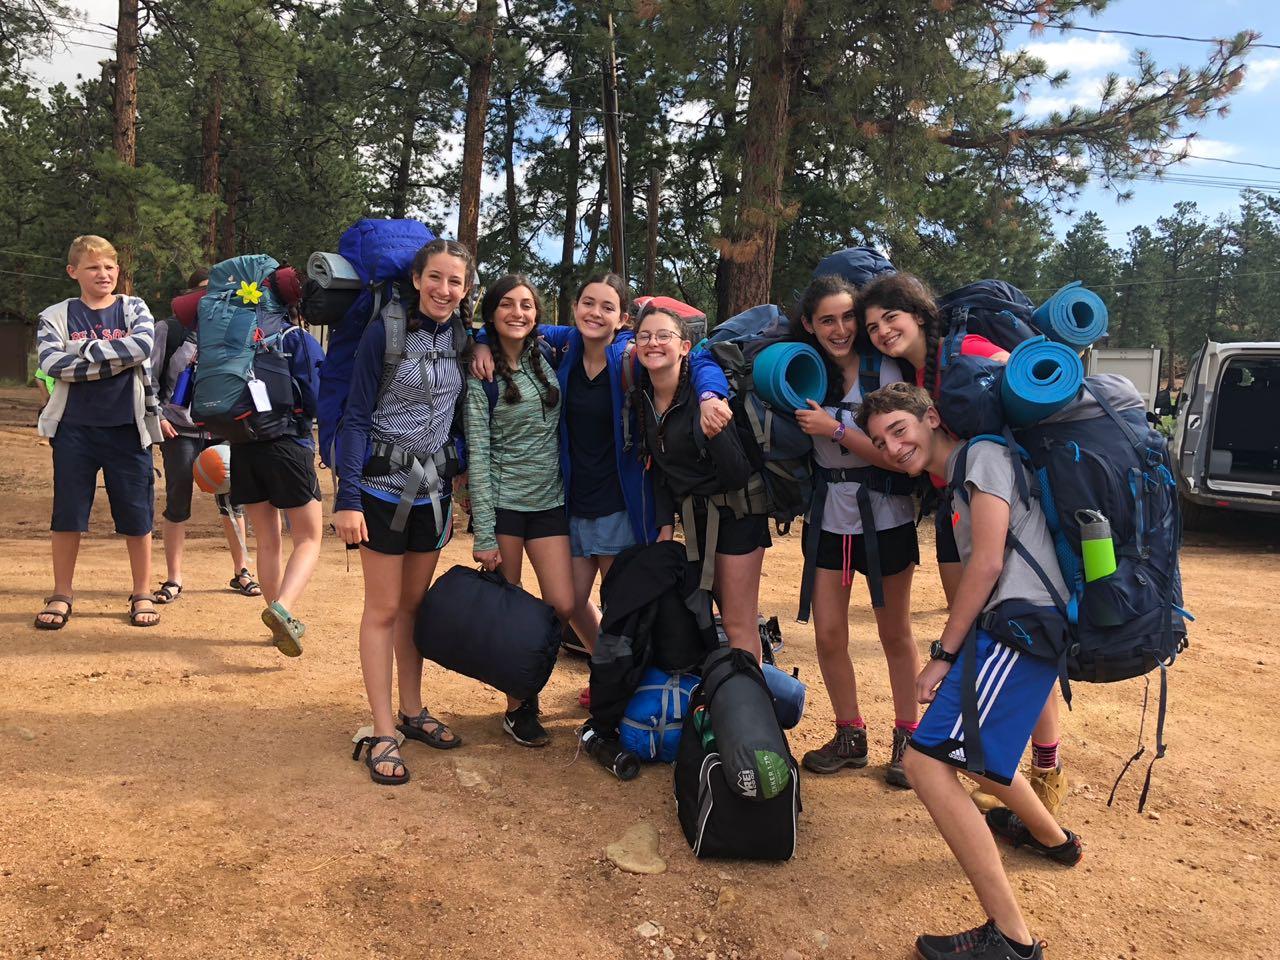 Veinte jóvenes de Comunidad Bet El disfrutan del Camp Ramah 2018 in the Rockies